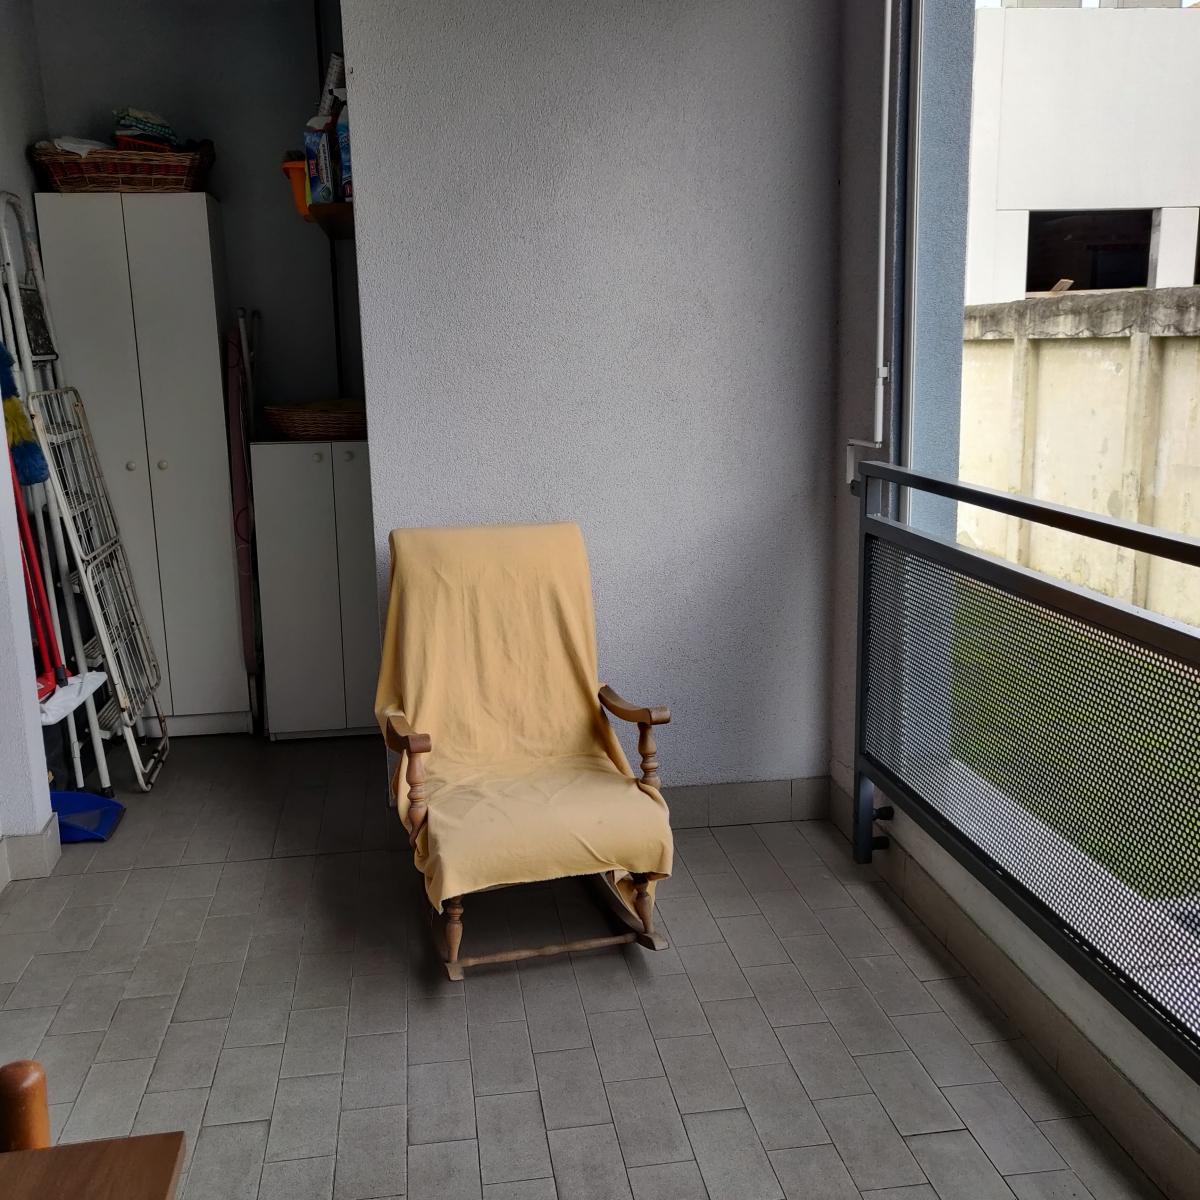 appartamento-in-vendita-milano-via-forze-armate-recente-costruzione-4-locali-spaziourbano-immobiliare-vende-25